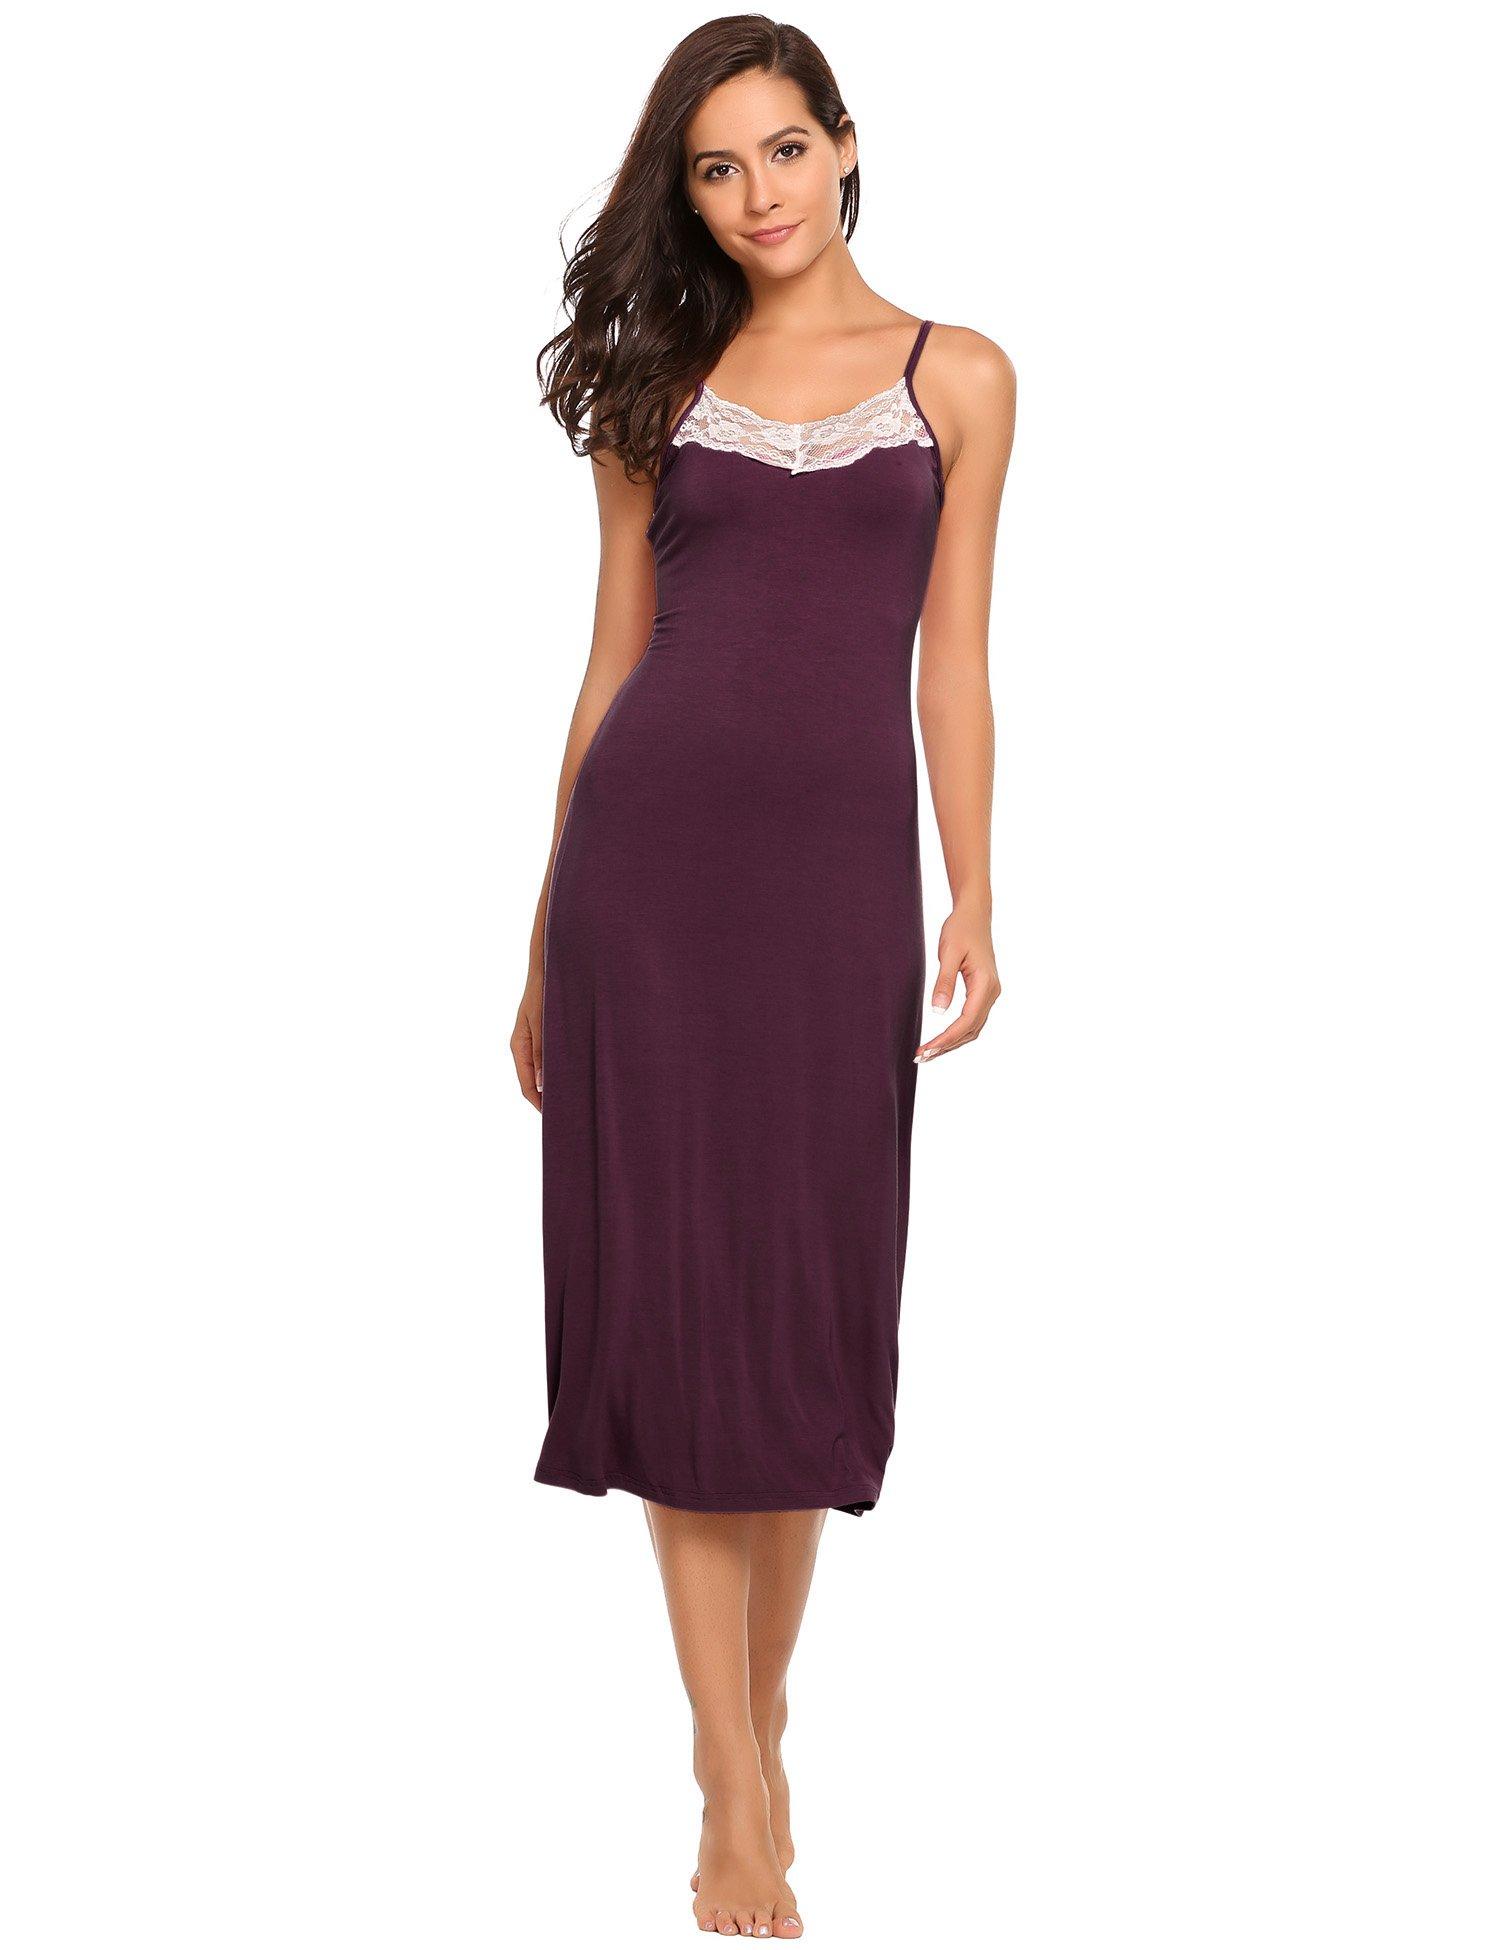 Ekouaer Womens Sleepwear Nightgown Full Slips Lace Sling Dress S-XL (S, 7137-Purplish Red-Long Style)